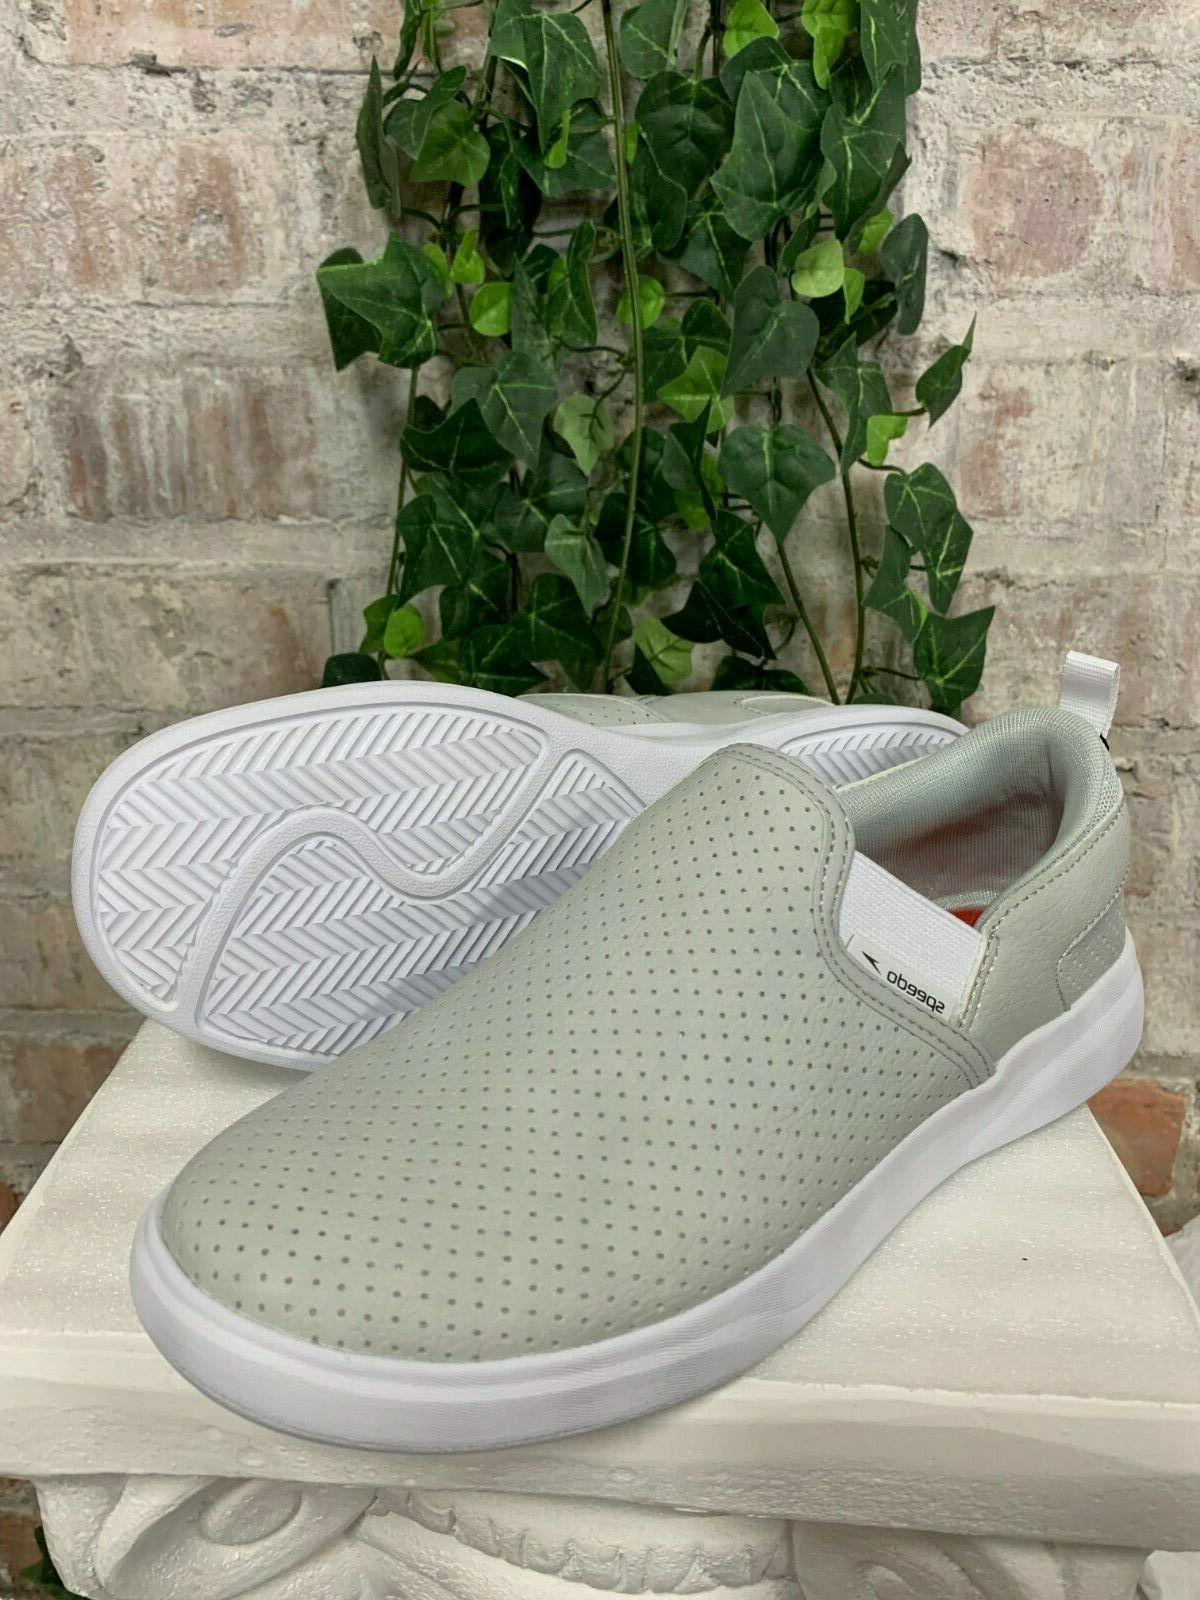 NEW Speedo Shoes Hybrid Drainage